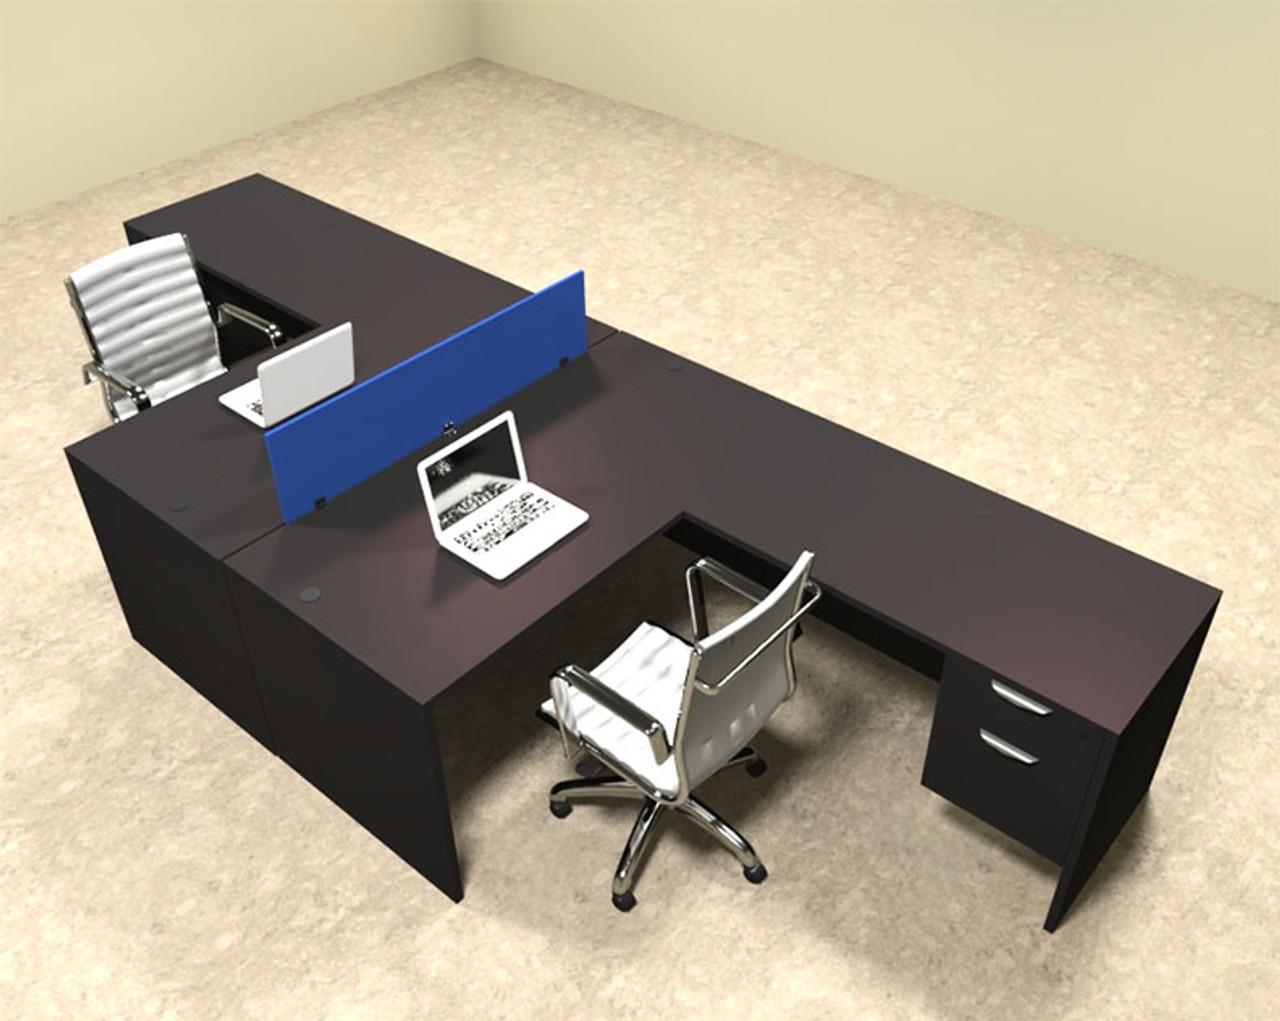 Two Person Blue Divider Office Workstation Desk Set, #OT-SUL-FPB40